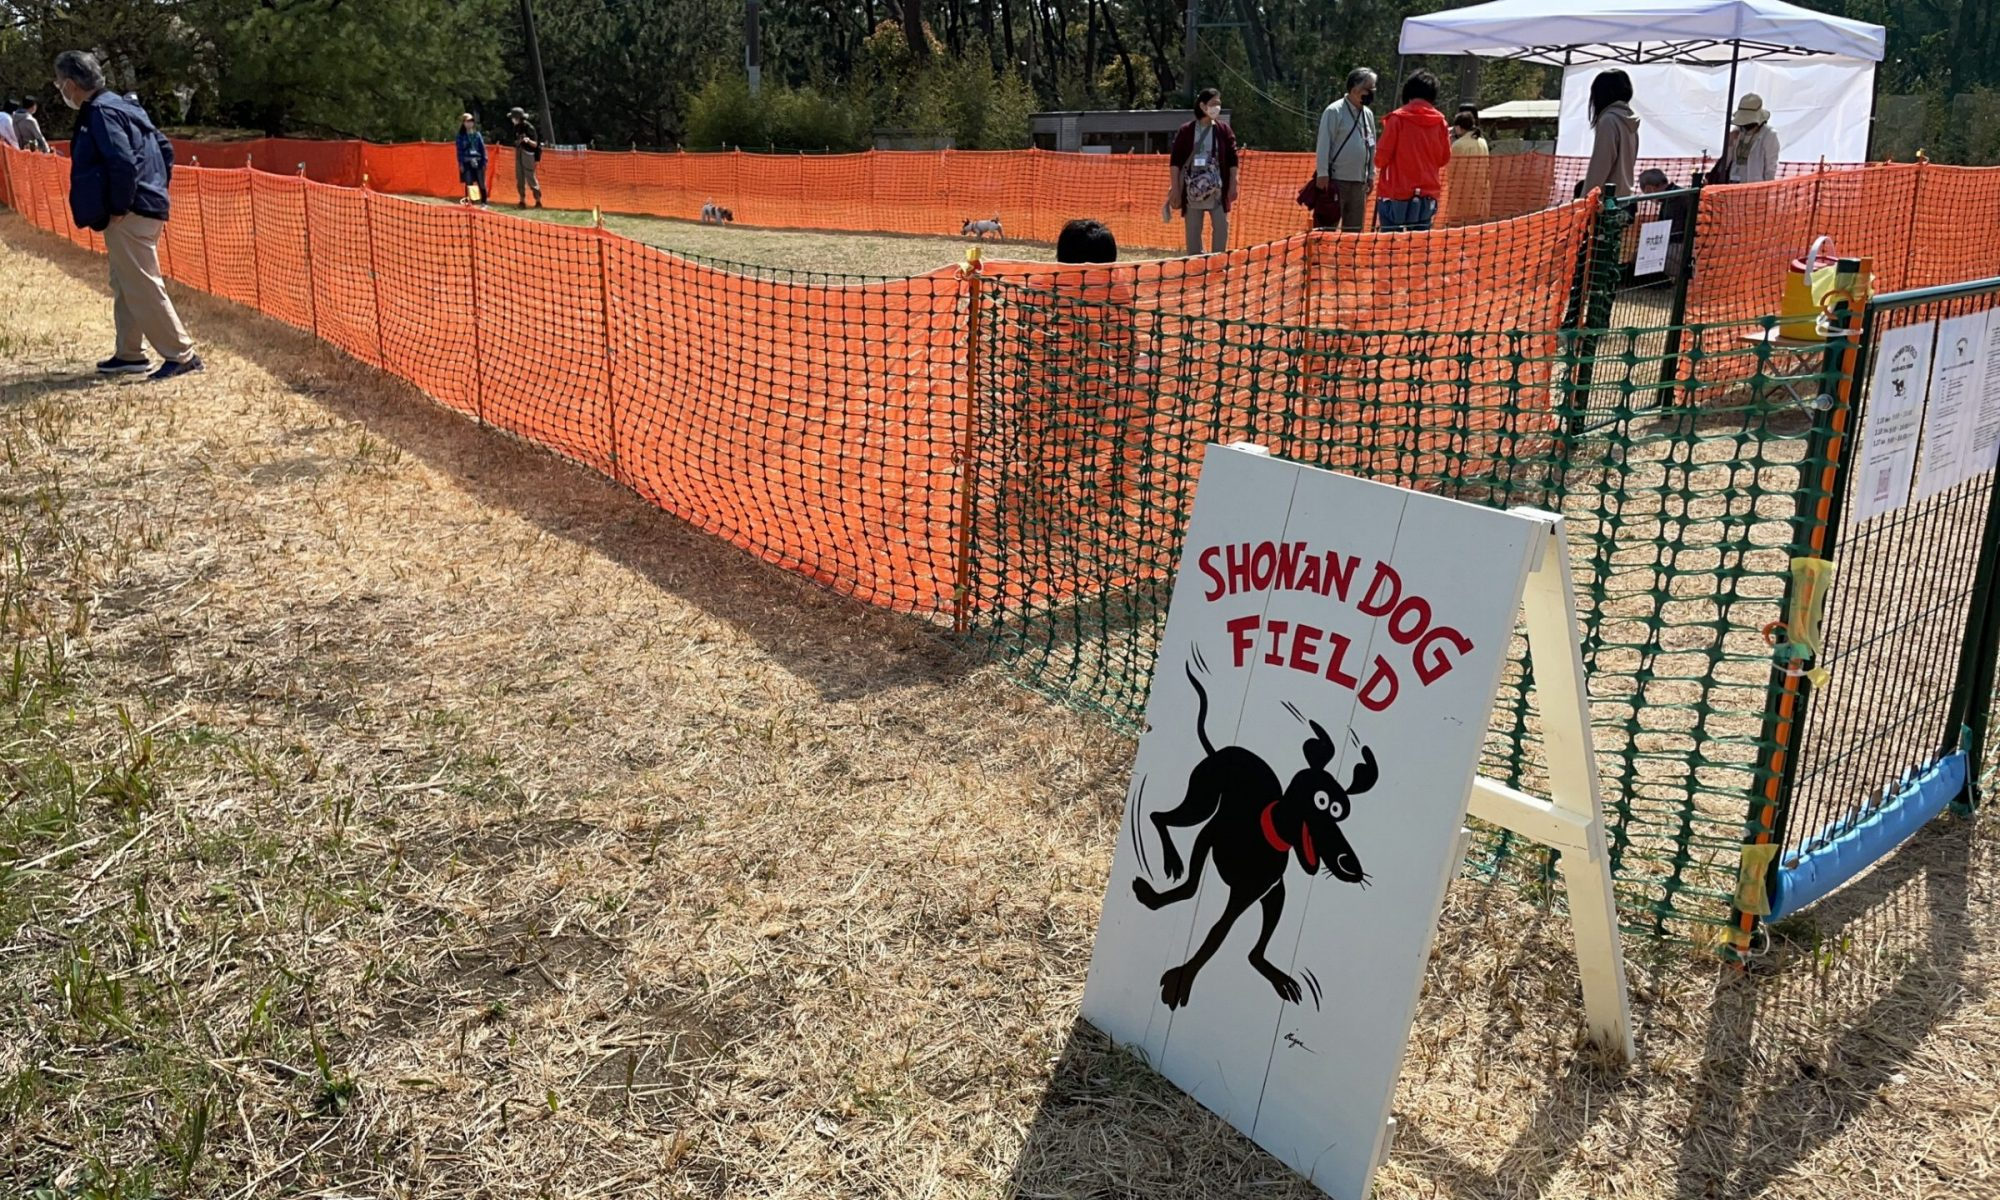 Shonan Dog Field